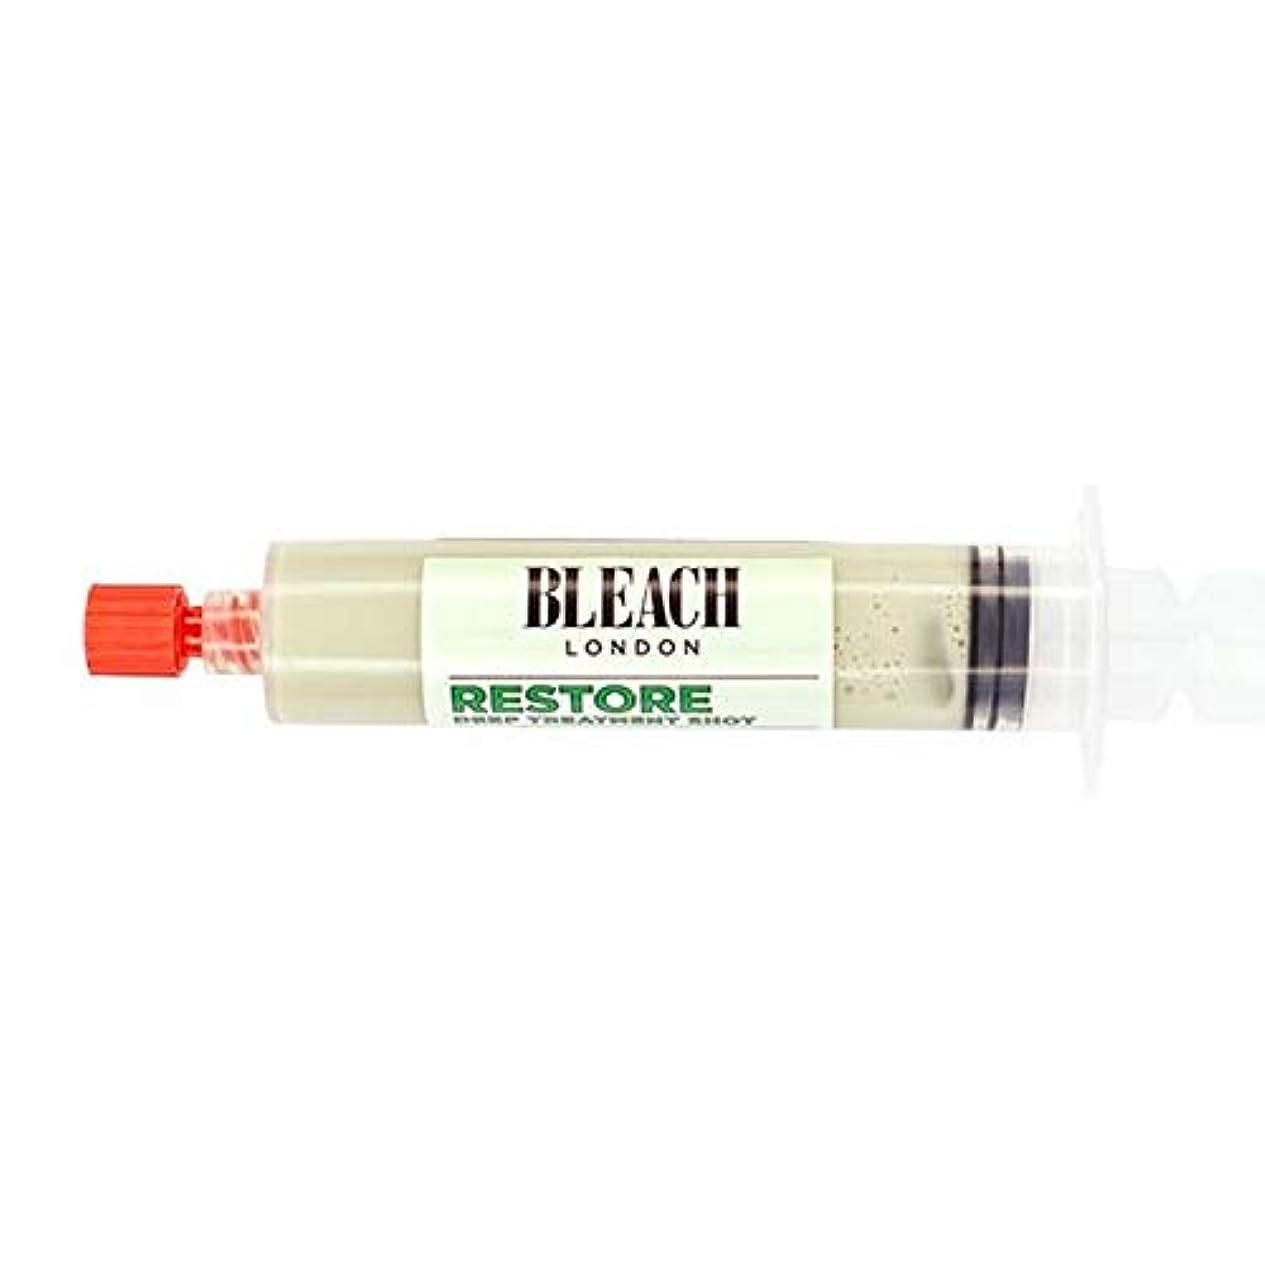 ルーコントロール神話[Bleach London ] ロンドン治療ショットを漂白 - 復元 - Bleach London Treatment Shot - Restore [並行輸入品]